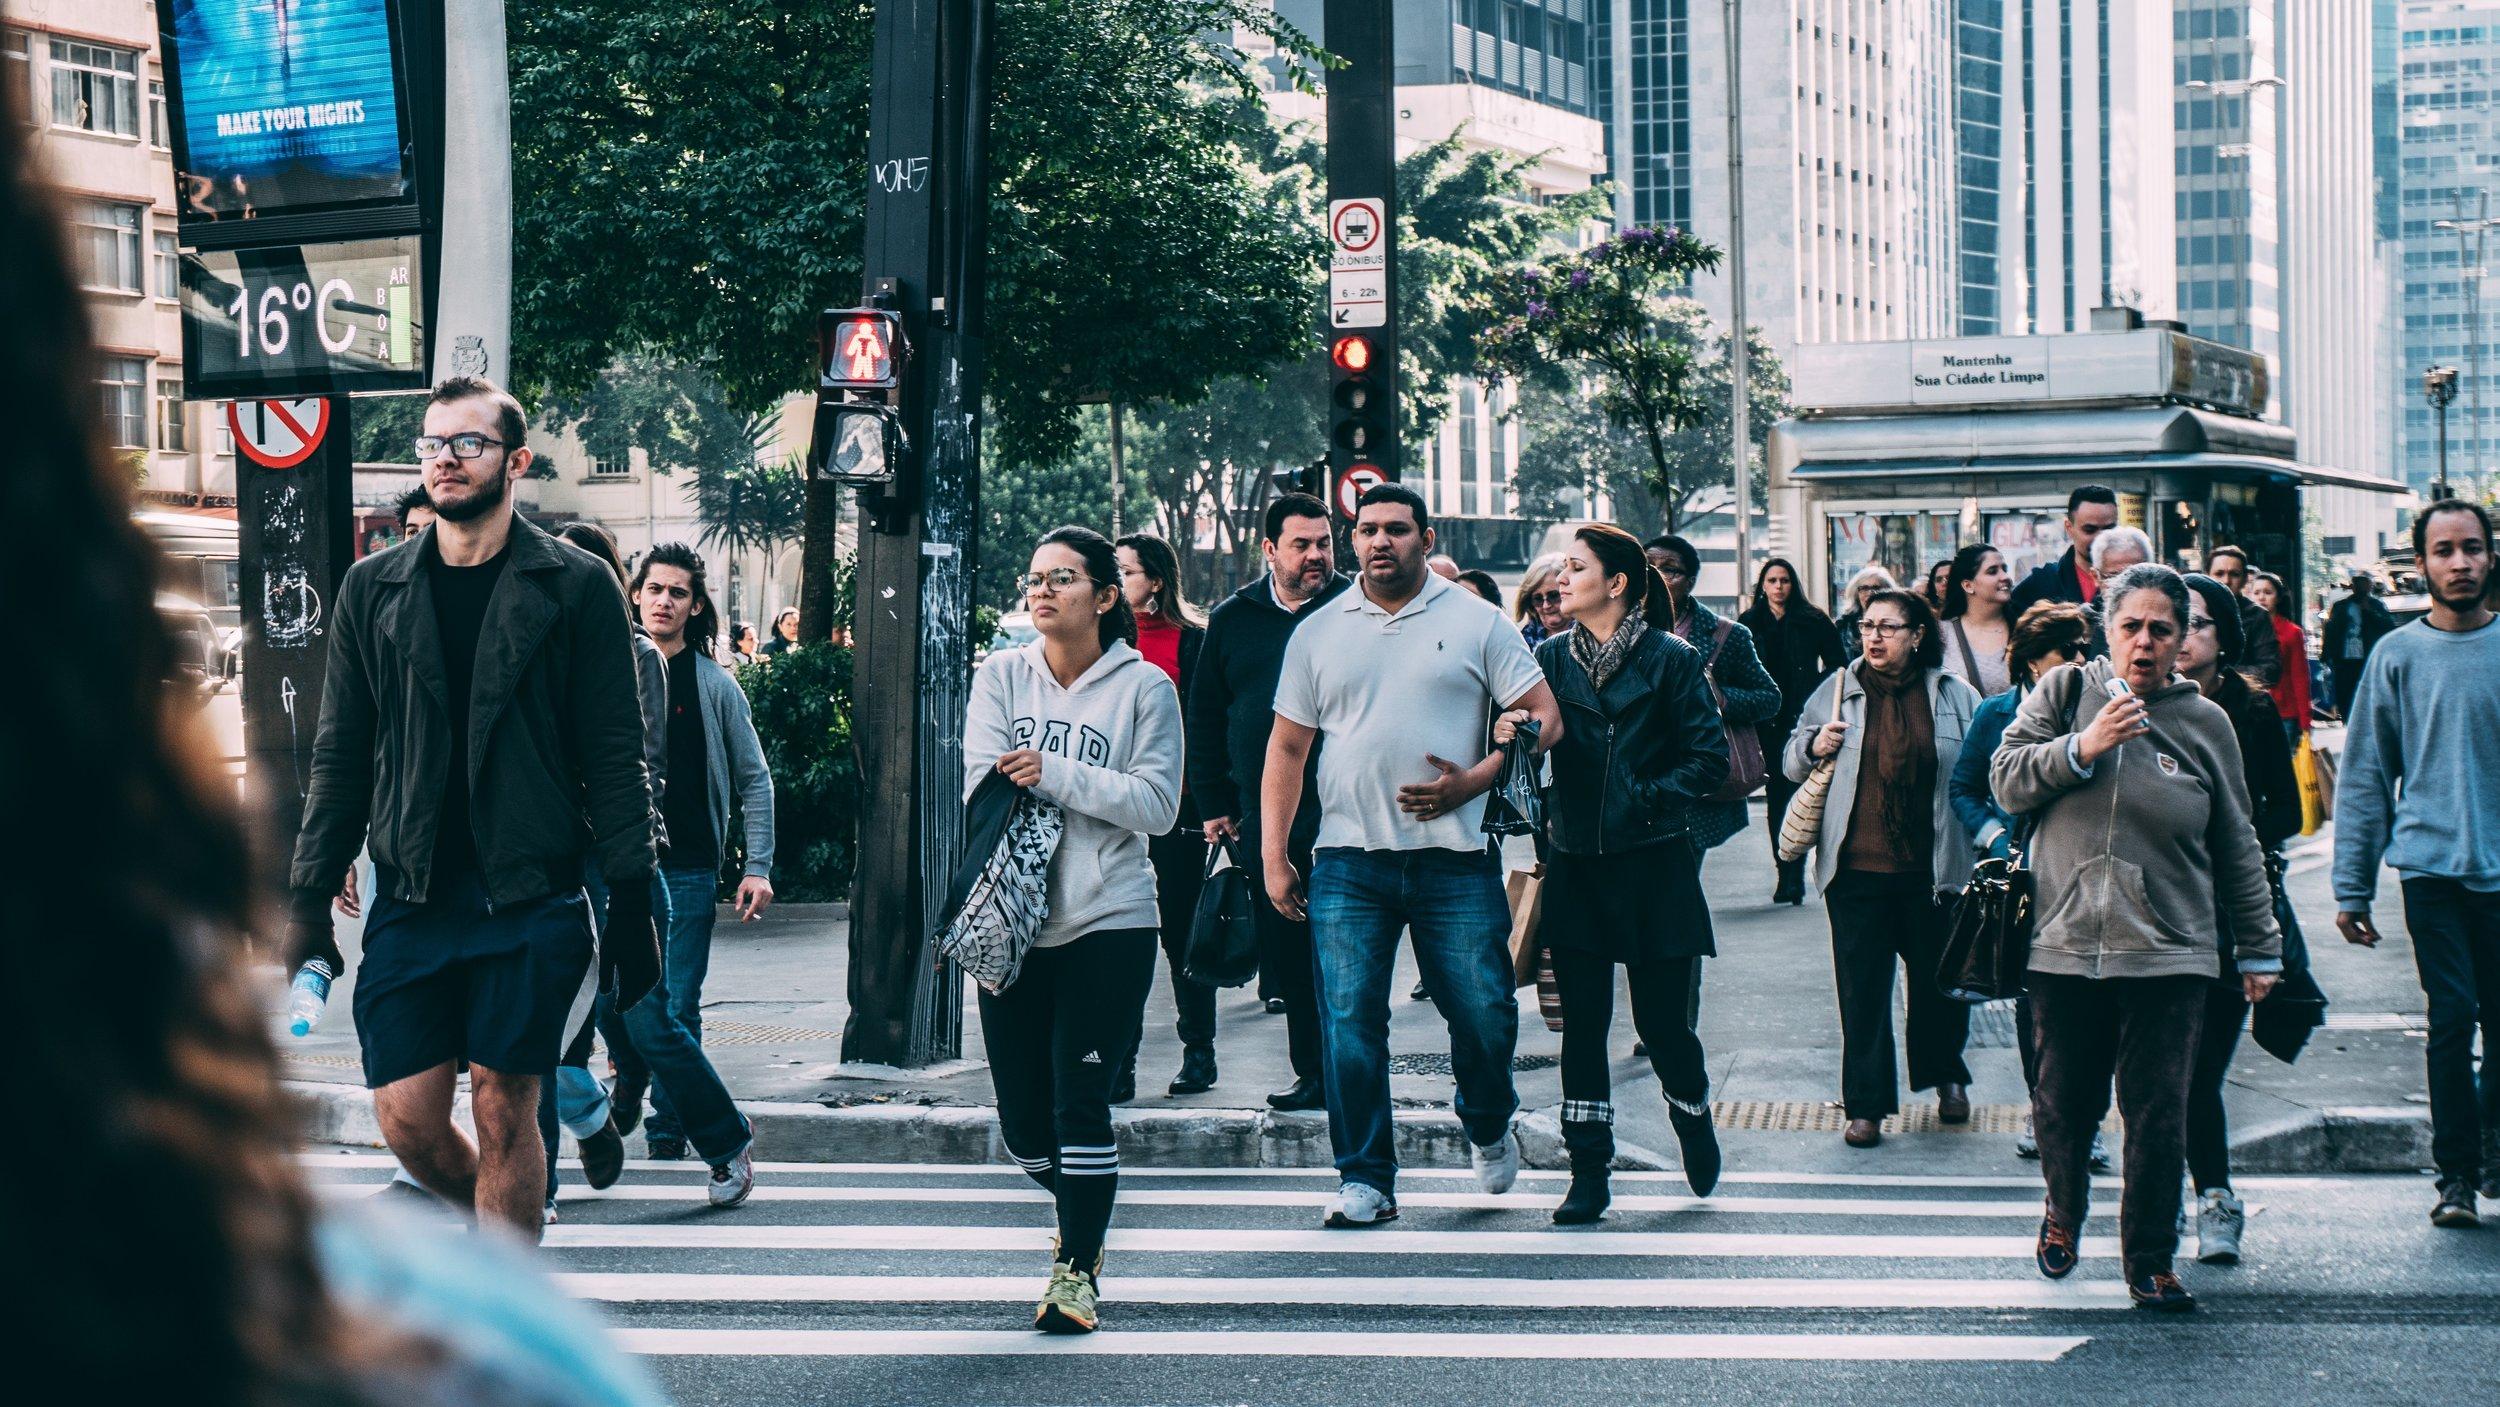 Pedestrians -